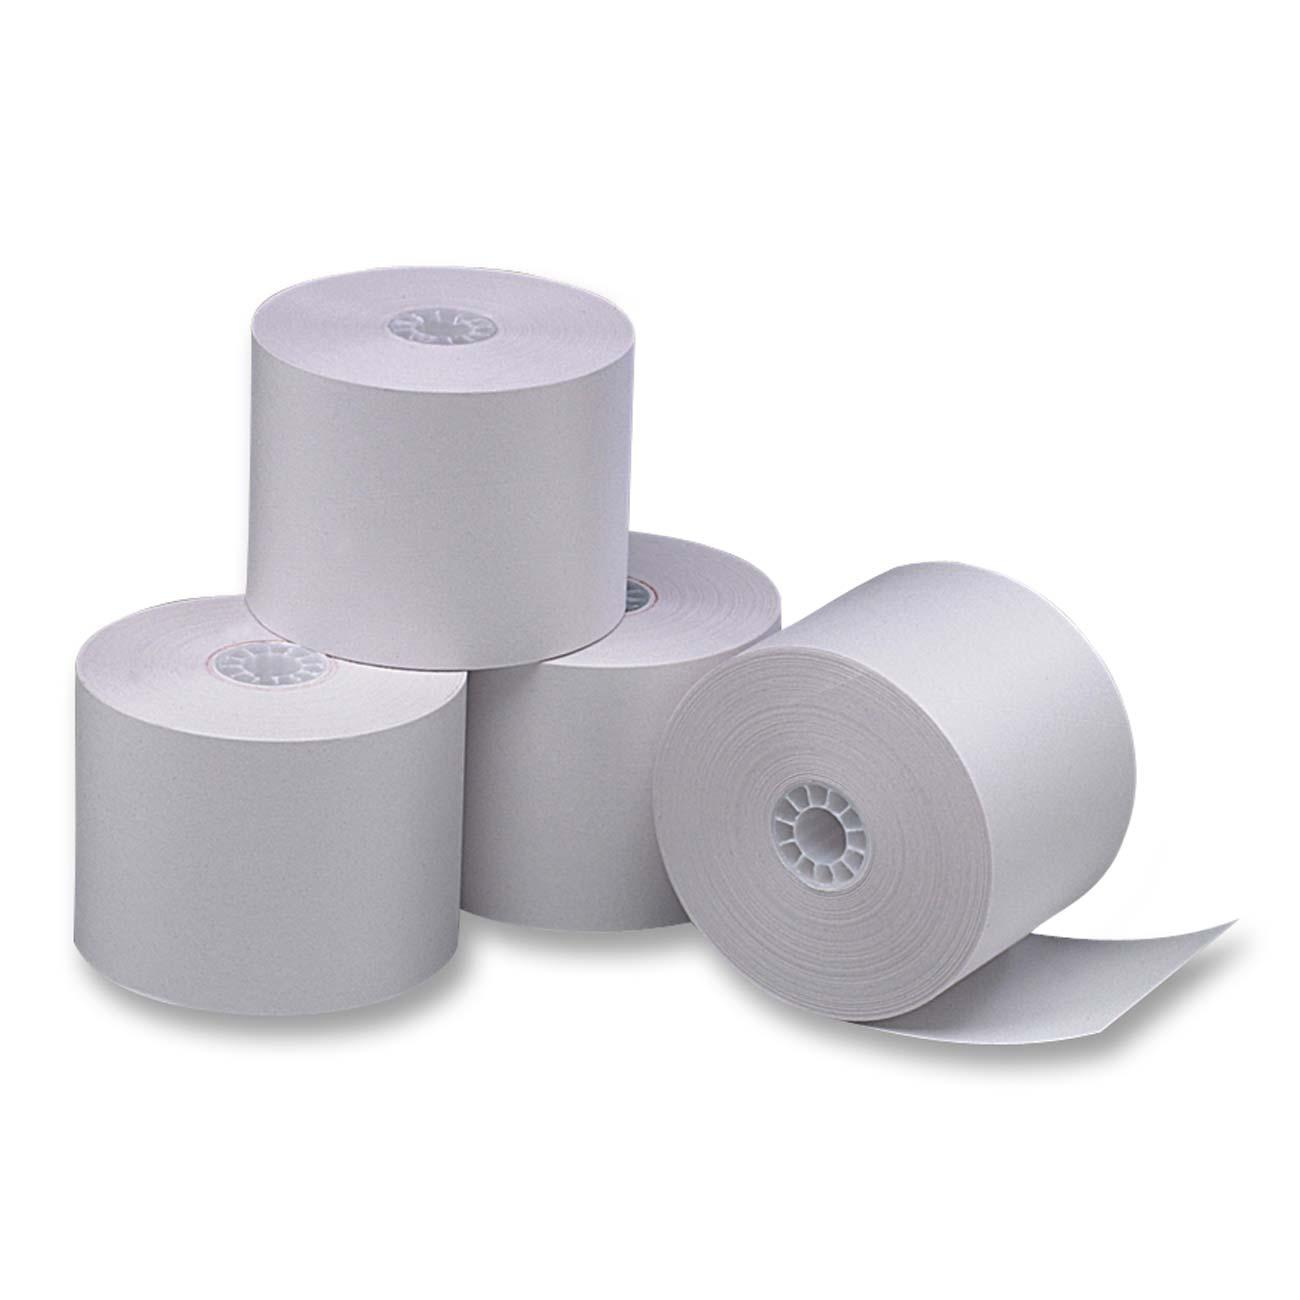 Thermal-Paper